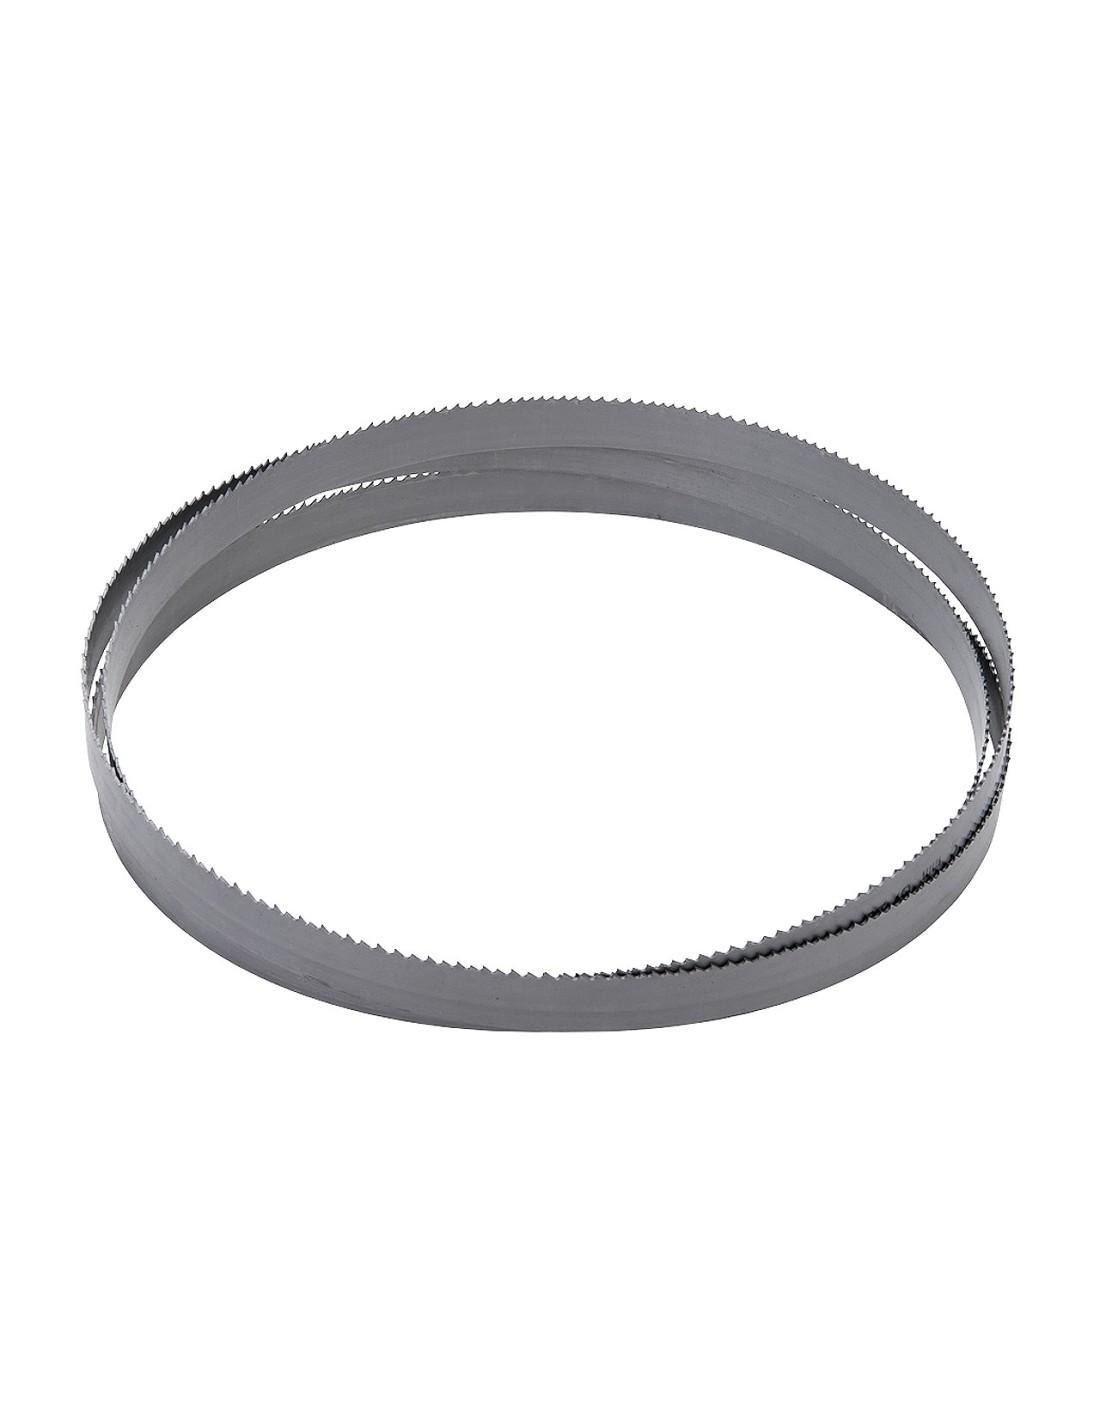 Panza pentru fierastrau cu banda M42 Bi-Metal 2080 x 19,0 x 0,90 mm - 10/14 TPI